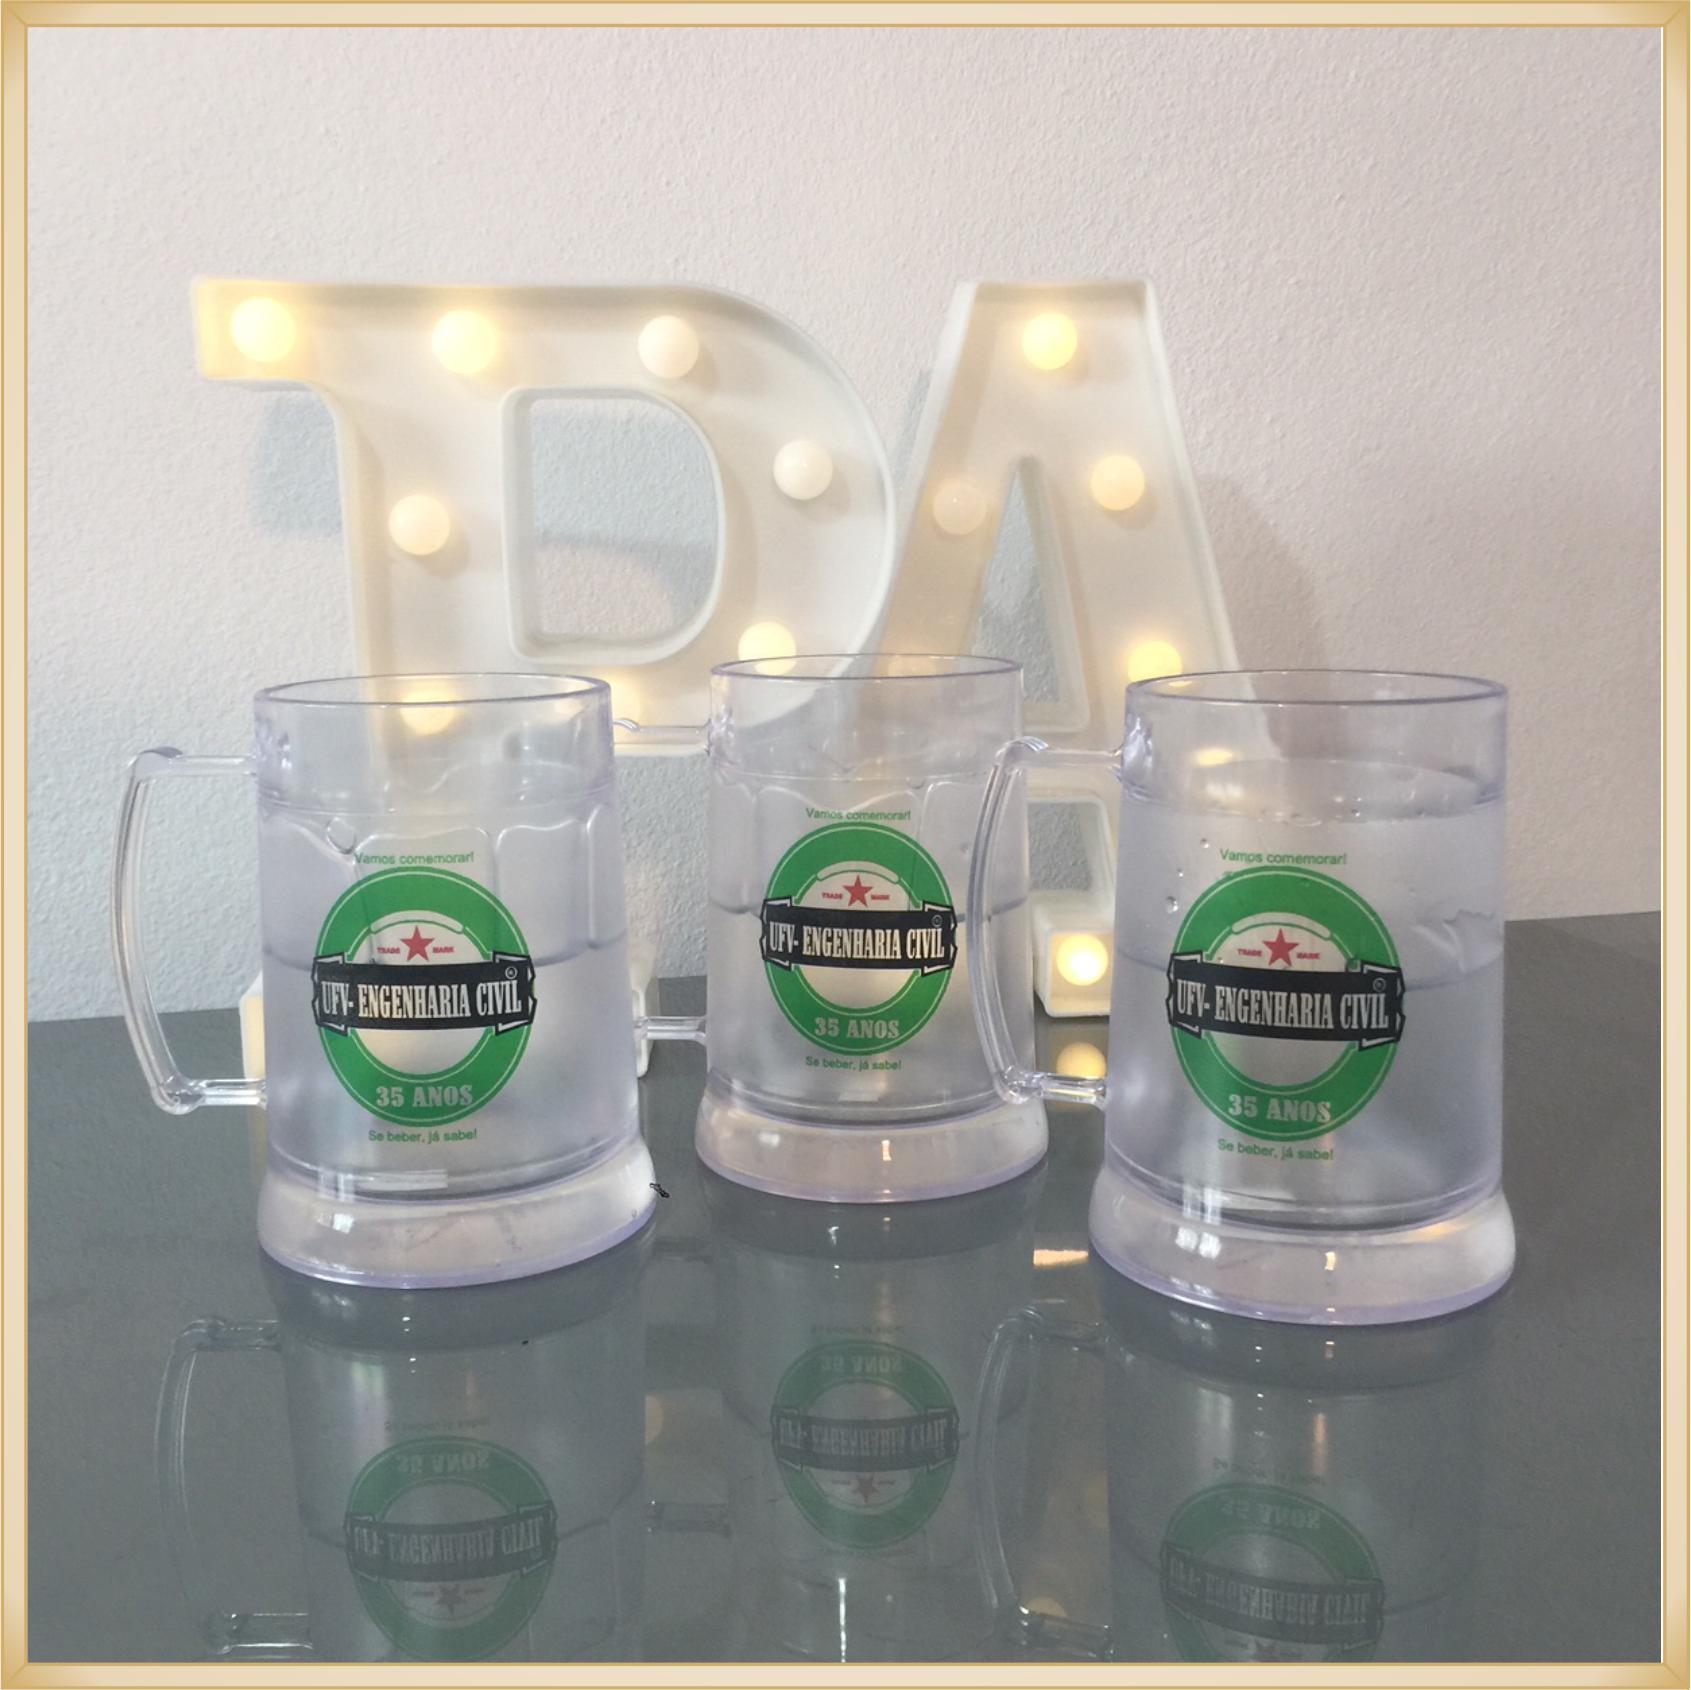 Canecas de gel personalizadas Formatura - acrílico qualidade, ótimo acabamento, sistema de congelamento, parede dupla, 340 ml. - kit 30 unidades